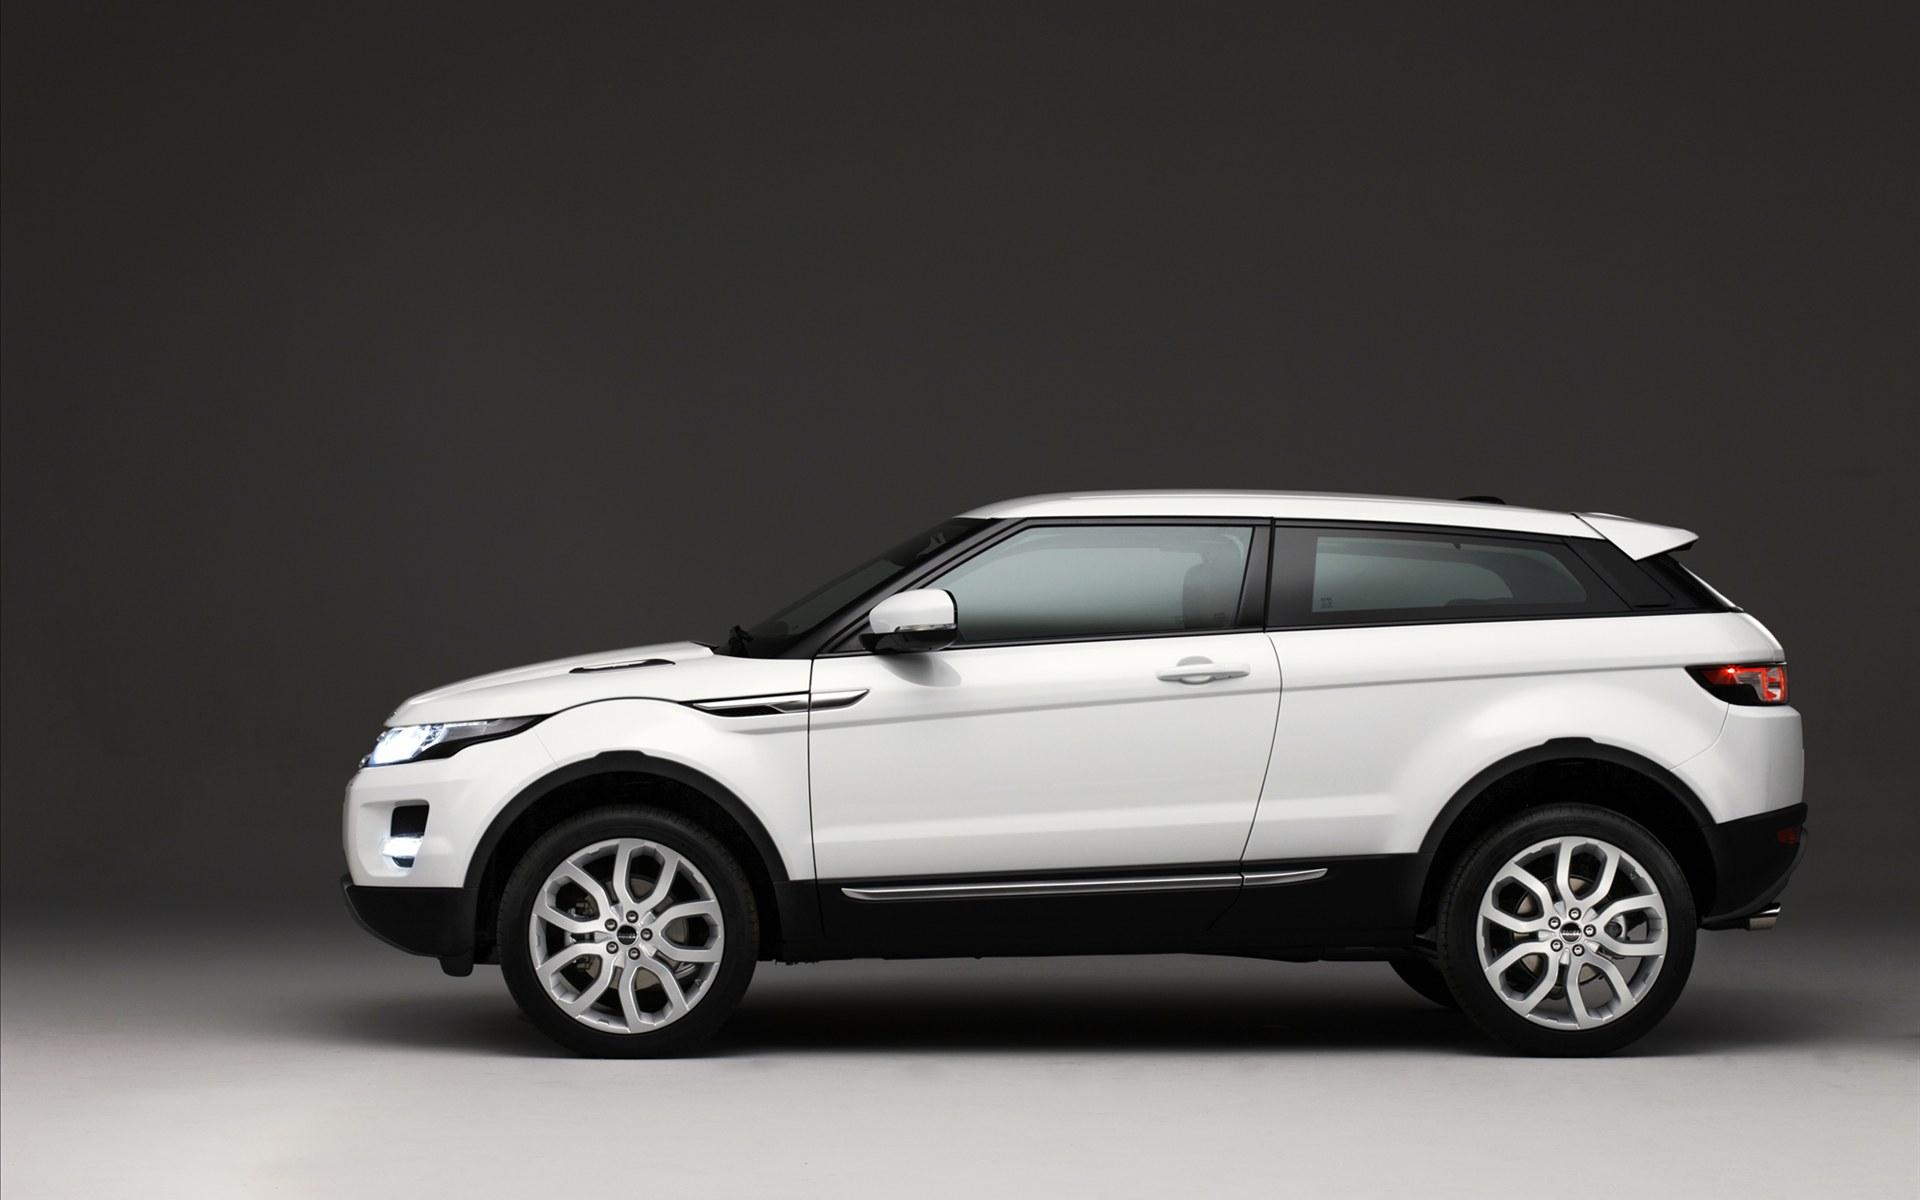 Land Rover Evoque Wallpapers Desktop Download Wallpaper